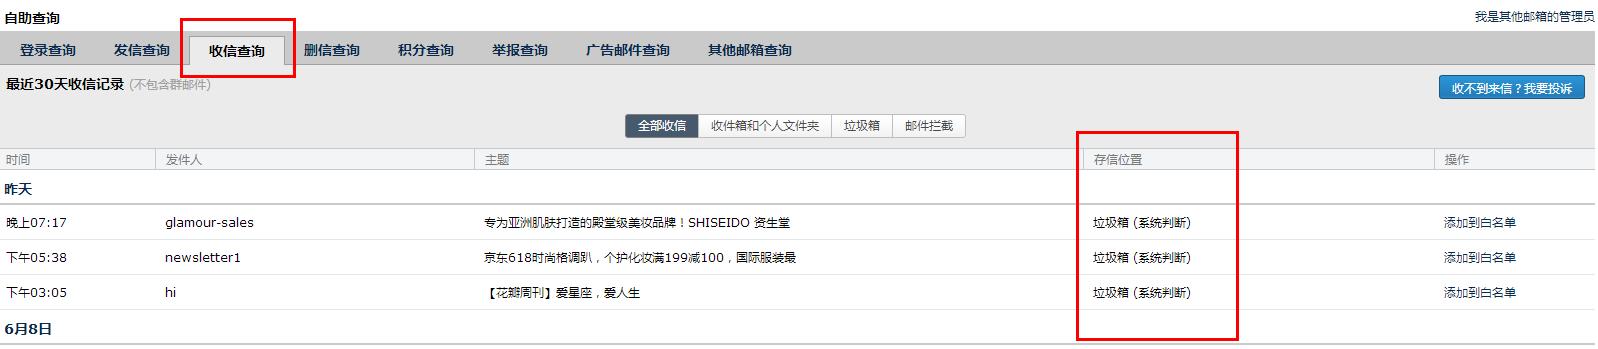 QQ邮箱自助查询2.png